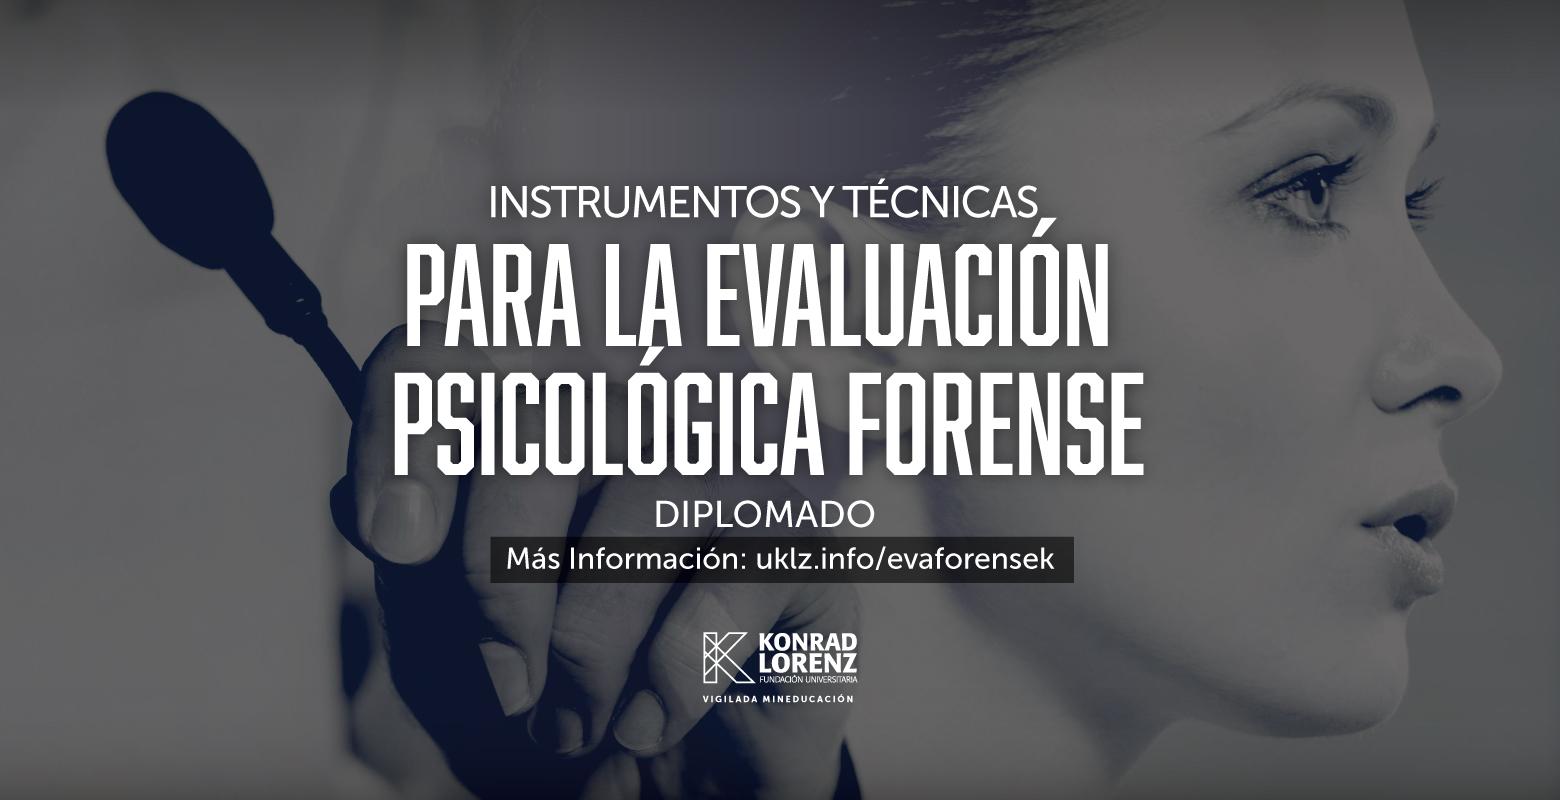 Diplomado Instrumentos y Técnicas para Evaluación Psicológica Forense